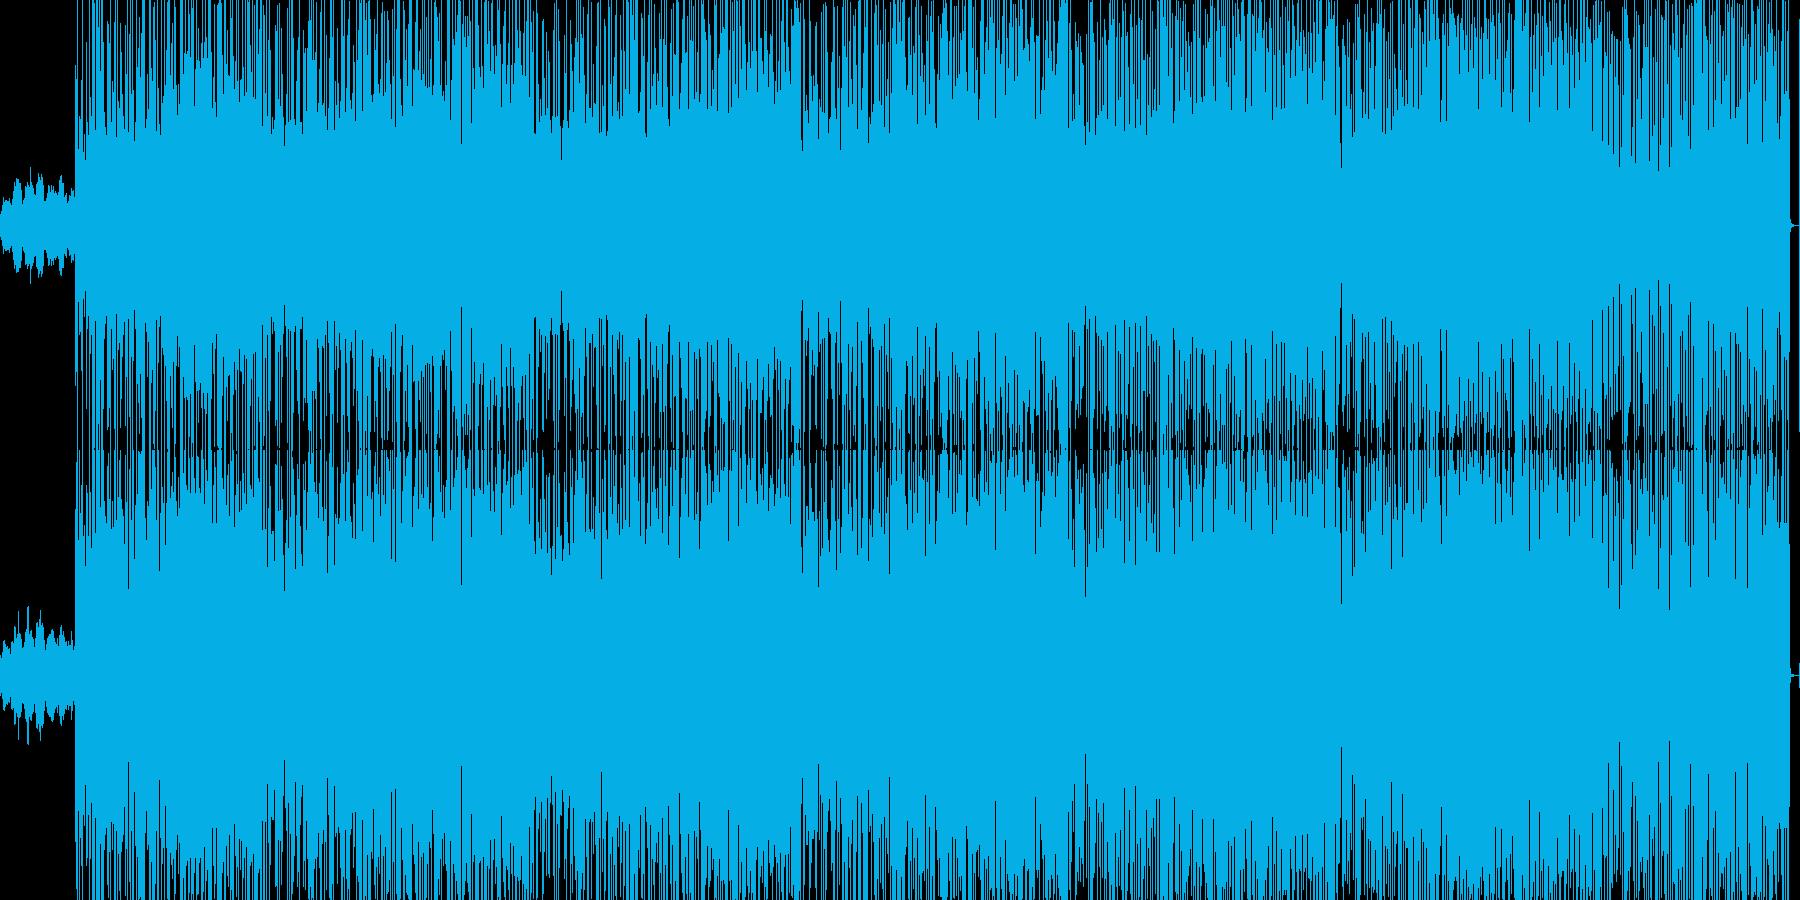 ジャズ系ドラミンベーストラックの再生済みの波形